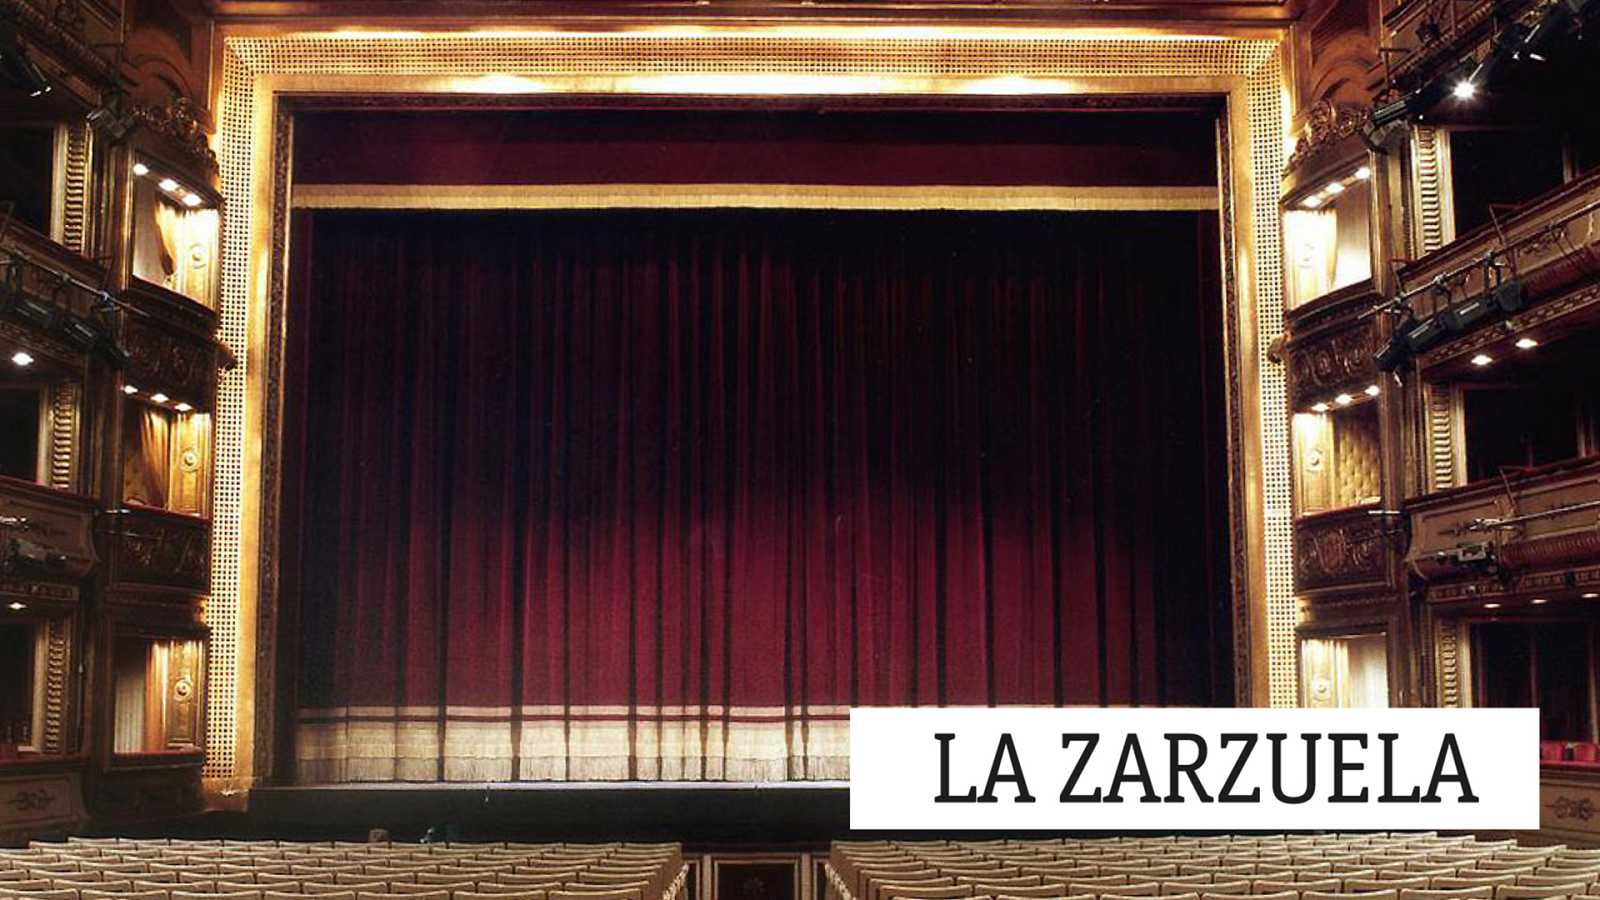 La zarzuela - Libretistas de zarzuela: Gustavo Sánchez Galarraga y Joaquín Dicenta - 03/02/21 - escuchar ahora